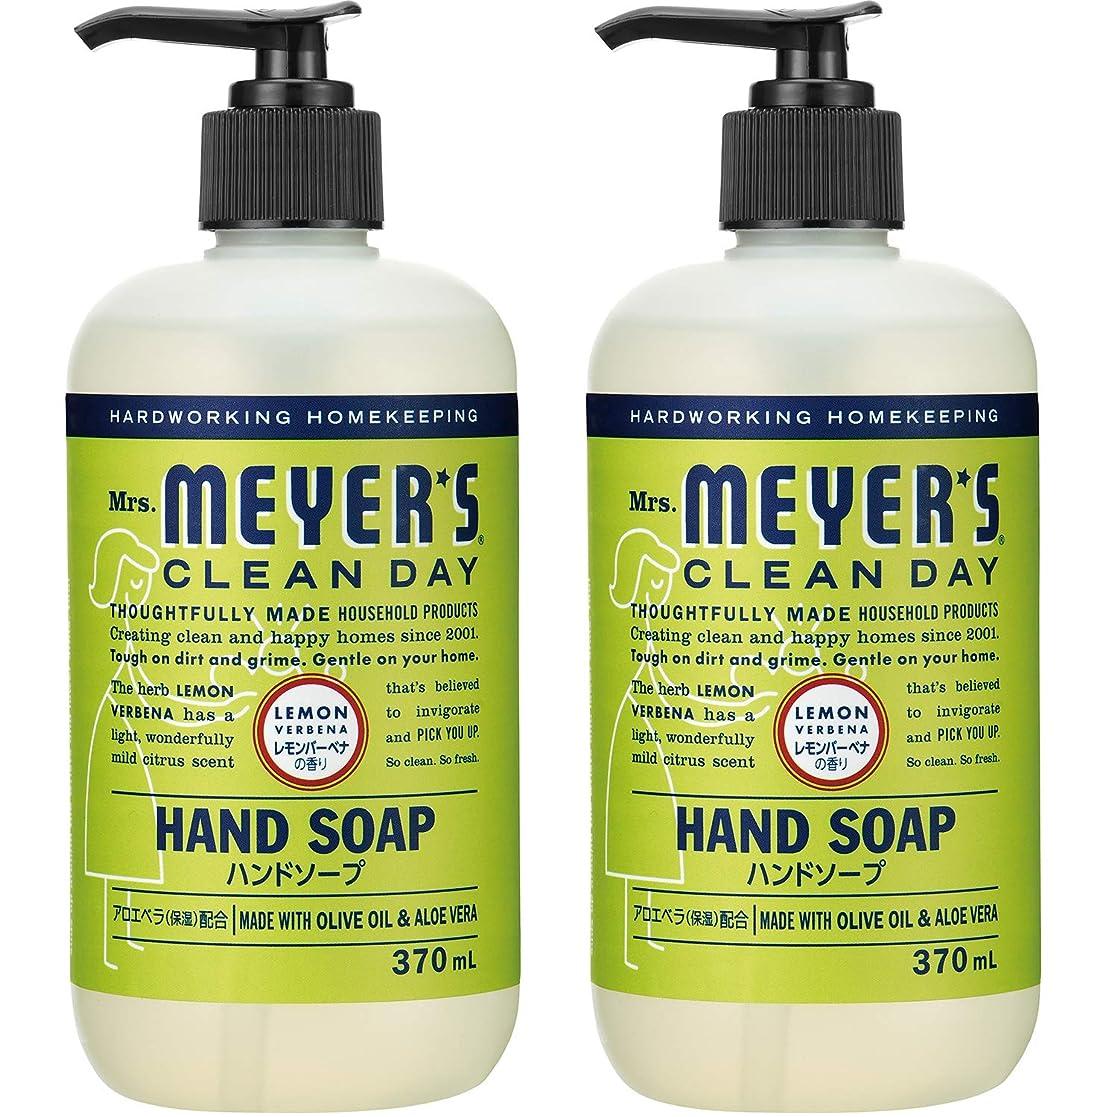 駅。脅威Mrs. MEYER'S CLEAN DAY(ミセスマイヤーズ クリーンデイ) ミセスマイヤーズ クリーンデイ(Mrs.Meyers Clean Day) ハンドソープ レモンバーベナの香り 370ml×2個